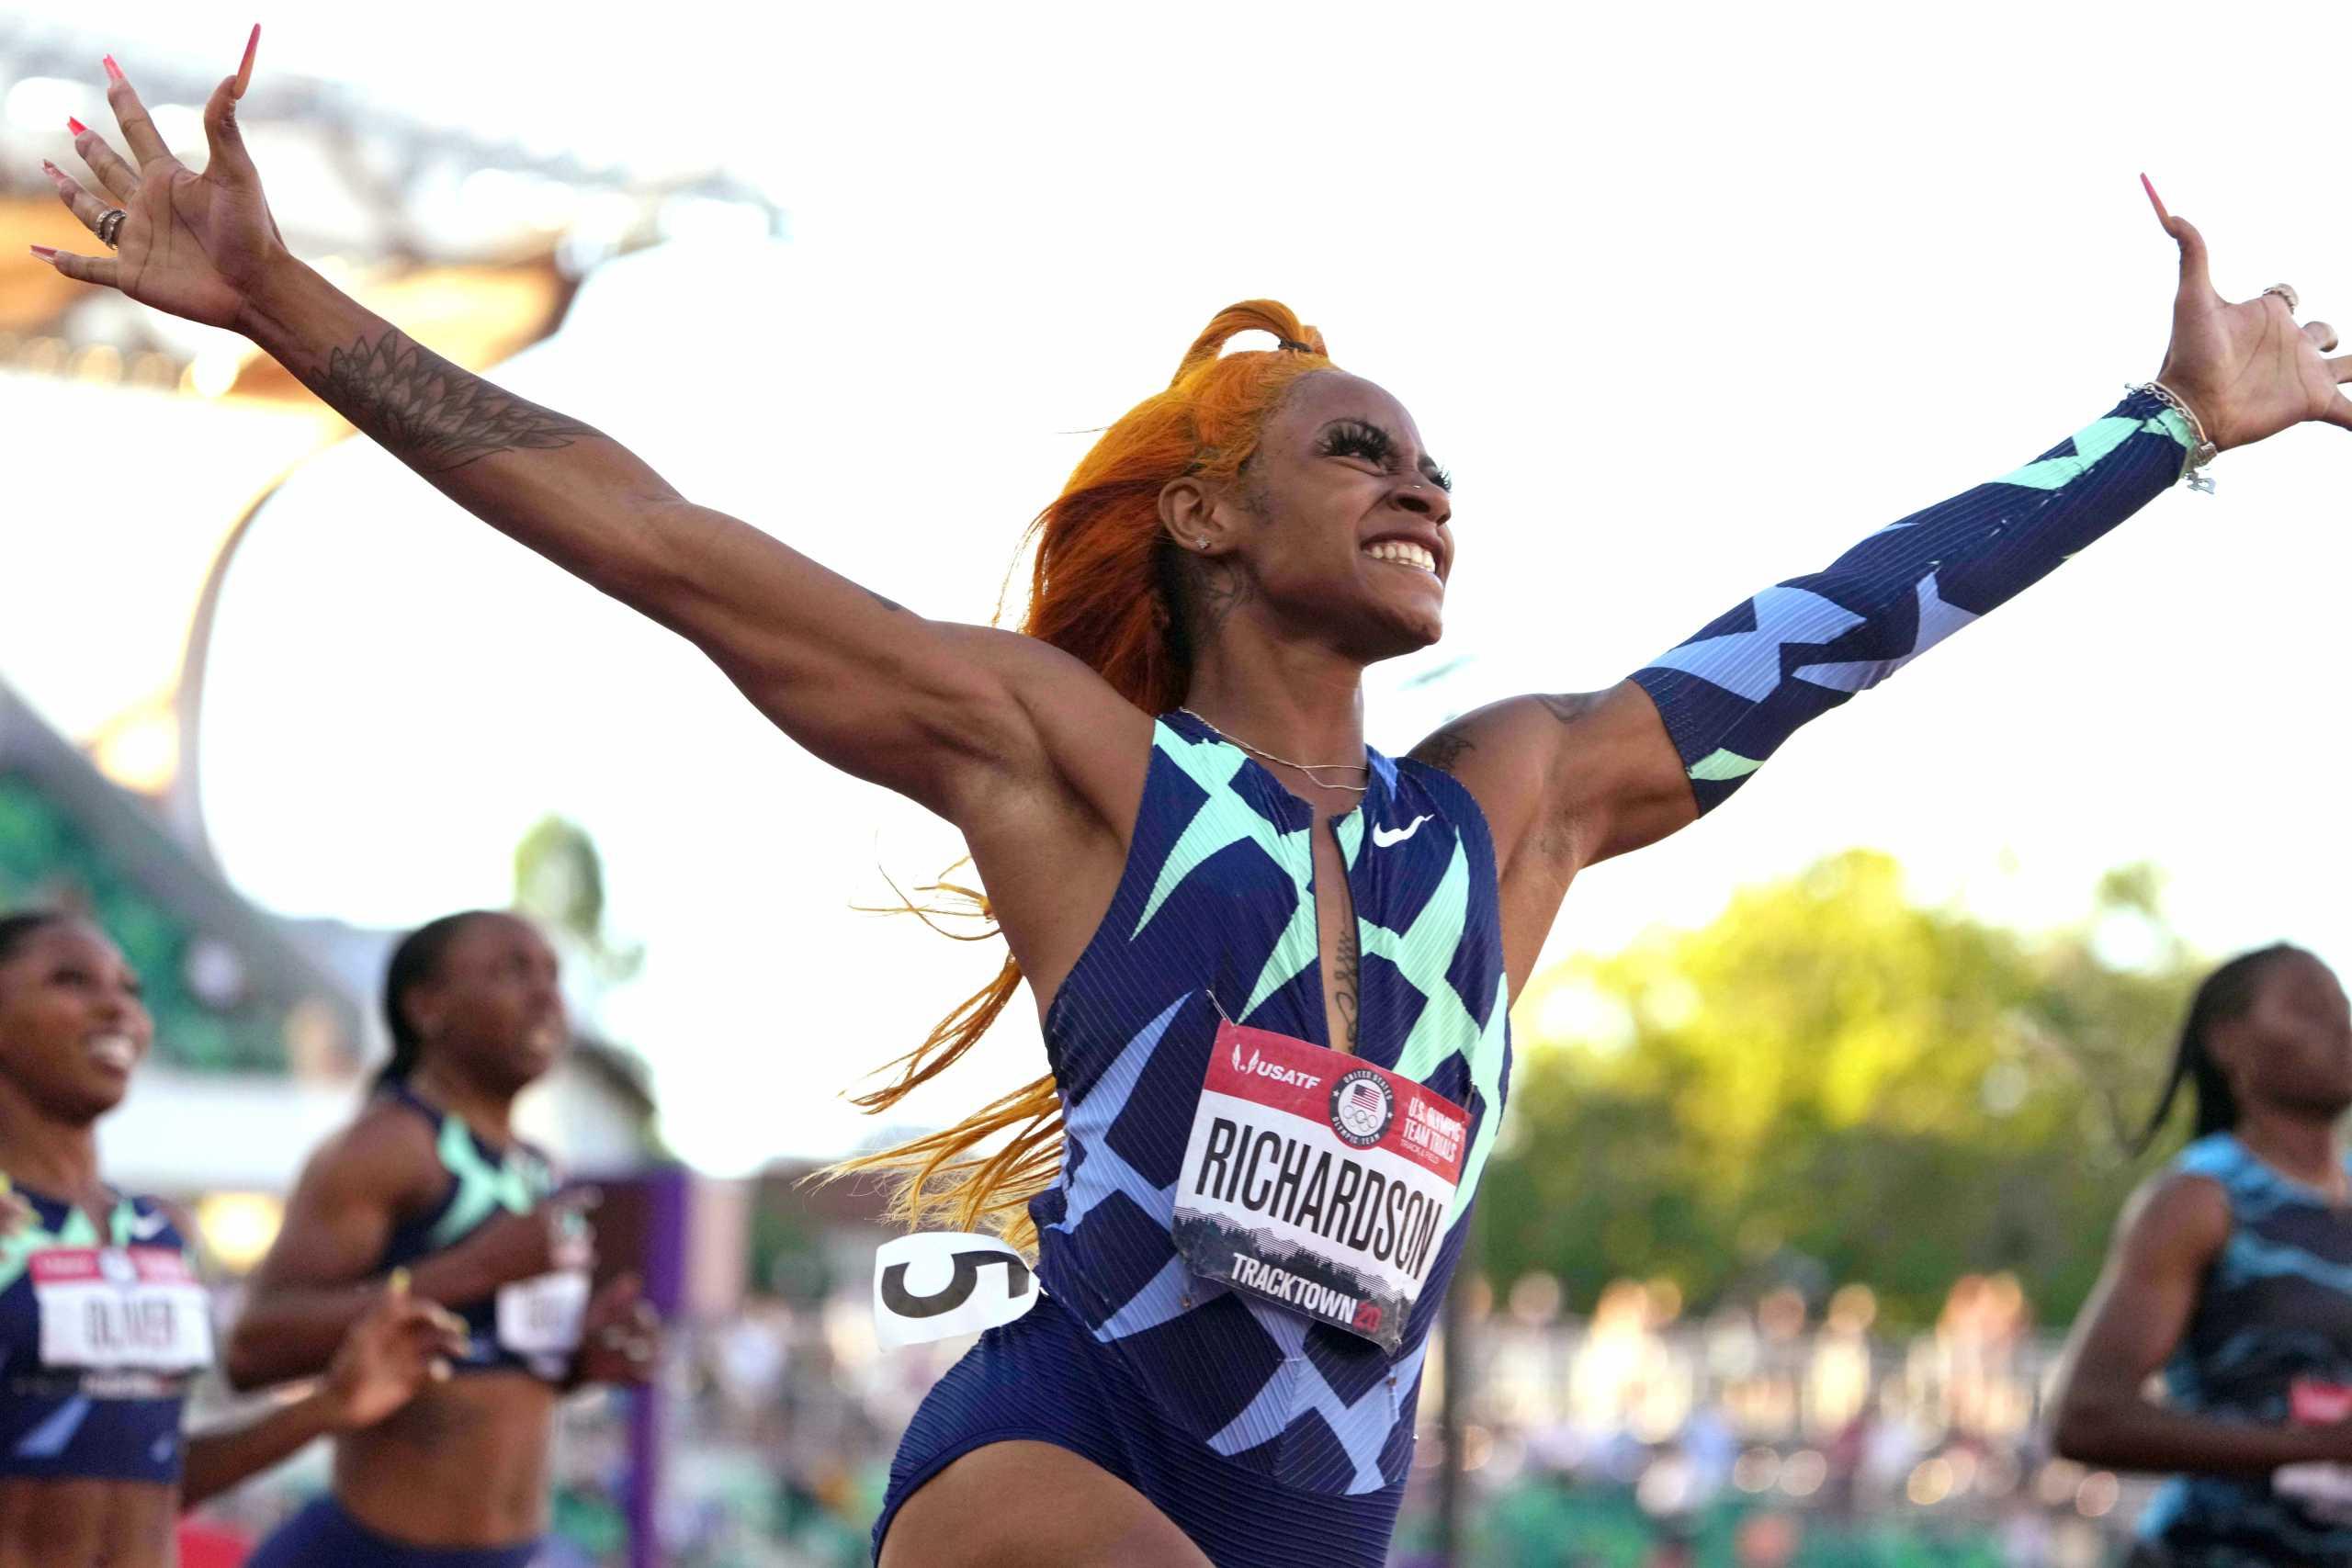 Ολυμπιακοί Αγώνες: «Σοκ» για τις ΗΠΑ, η Ρίτσαρντσον βρέθηκε θετική στην κάνναβη